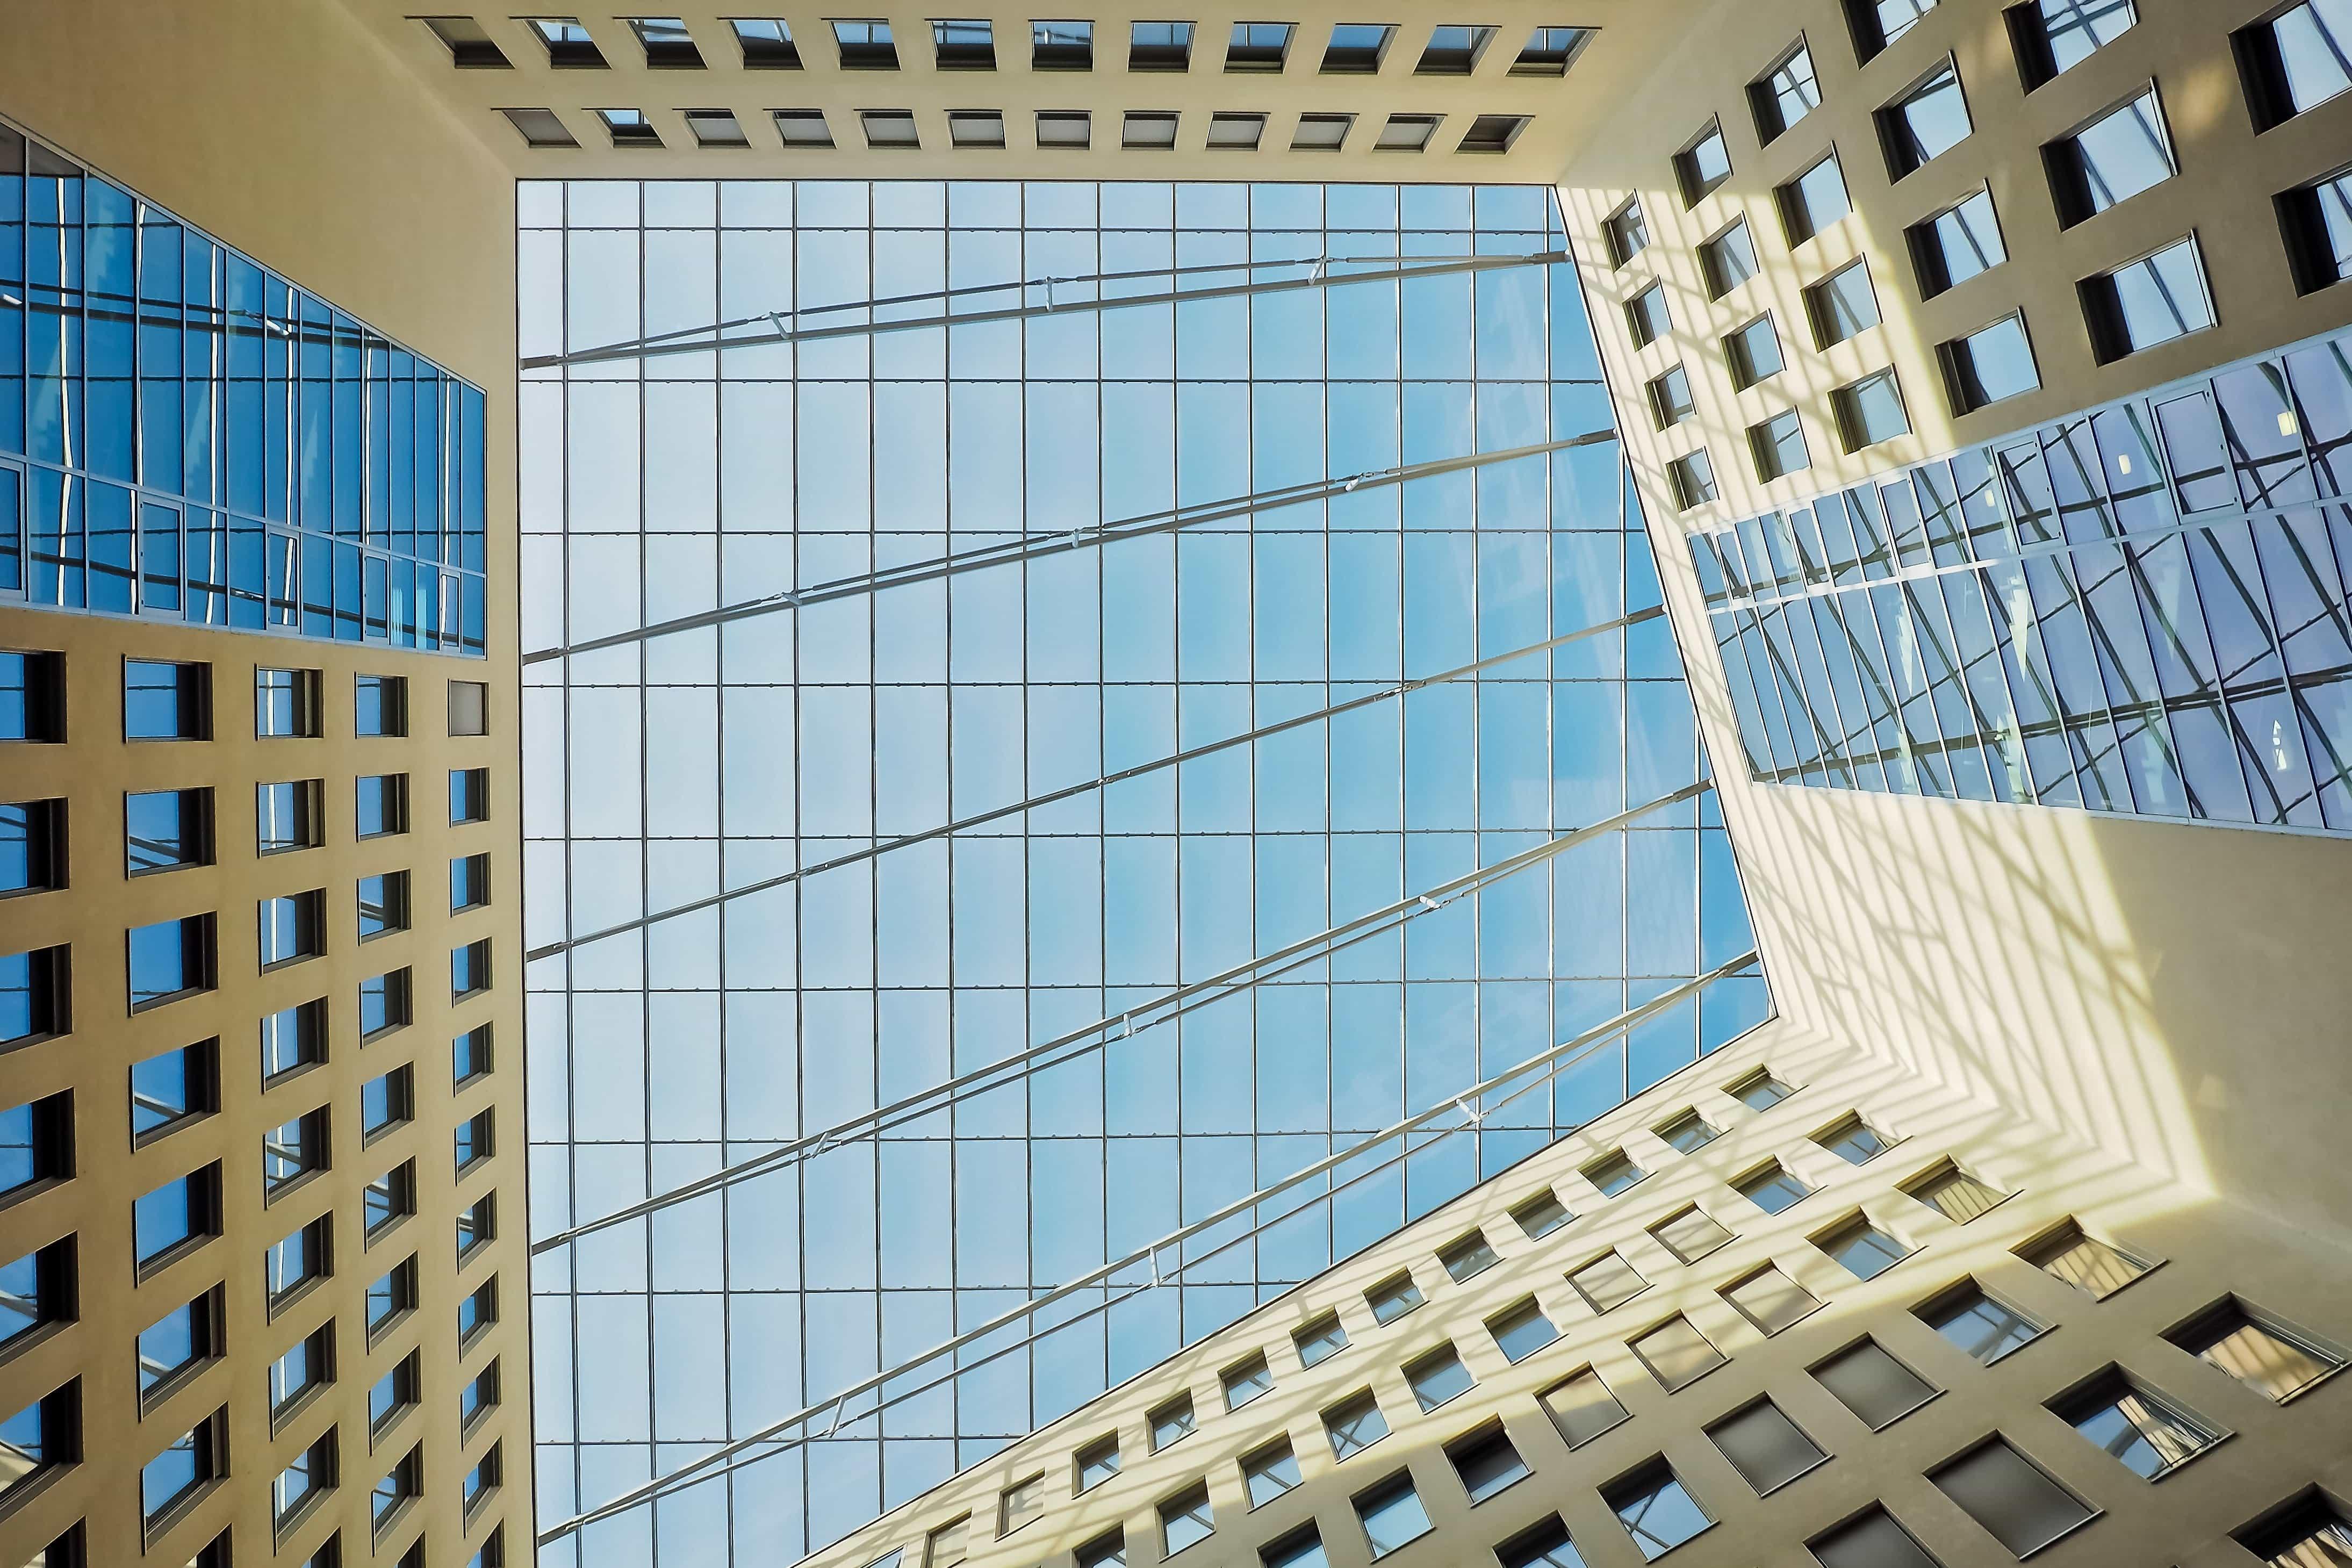 Kostenlose Bild: Architektur, Decke, Einrichtung, modern, Gebäude ...